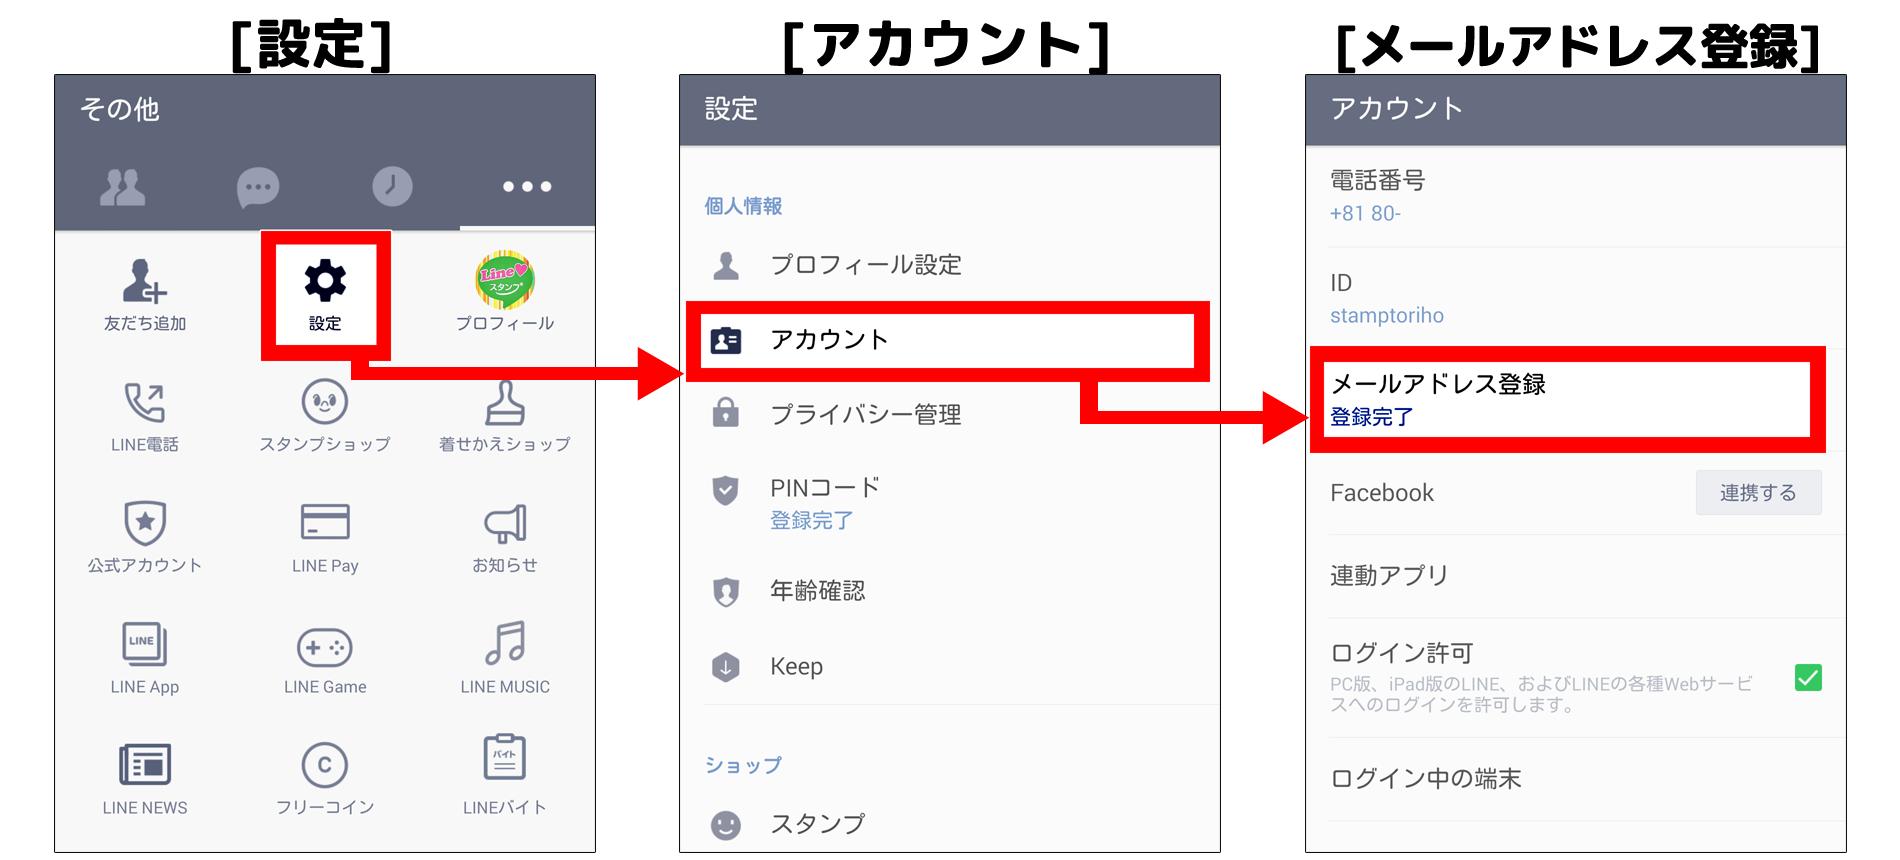 【重要】LINEアカウント引き継ぎ方法の変更 : スタンプ取り放題 ...